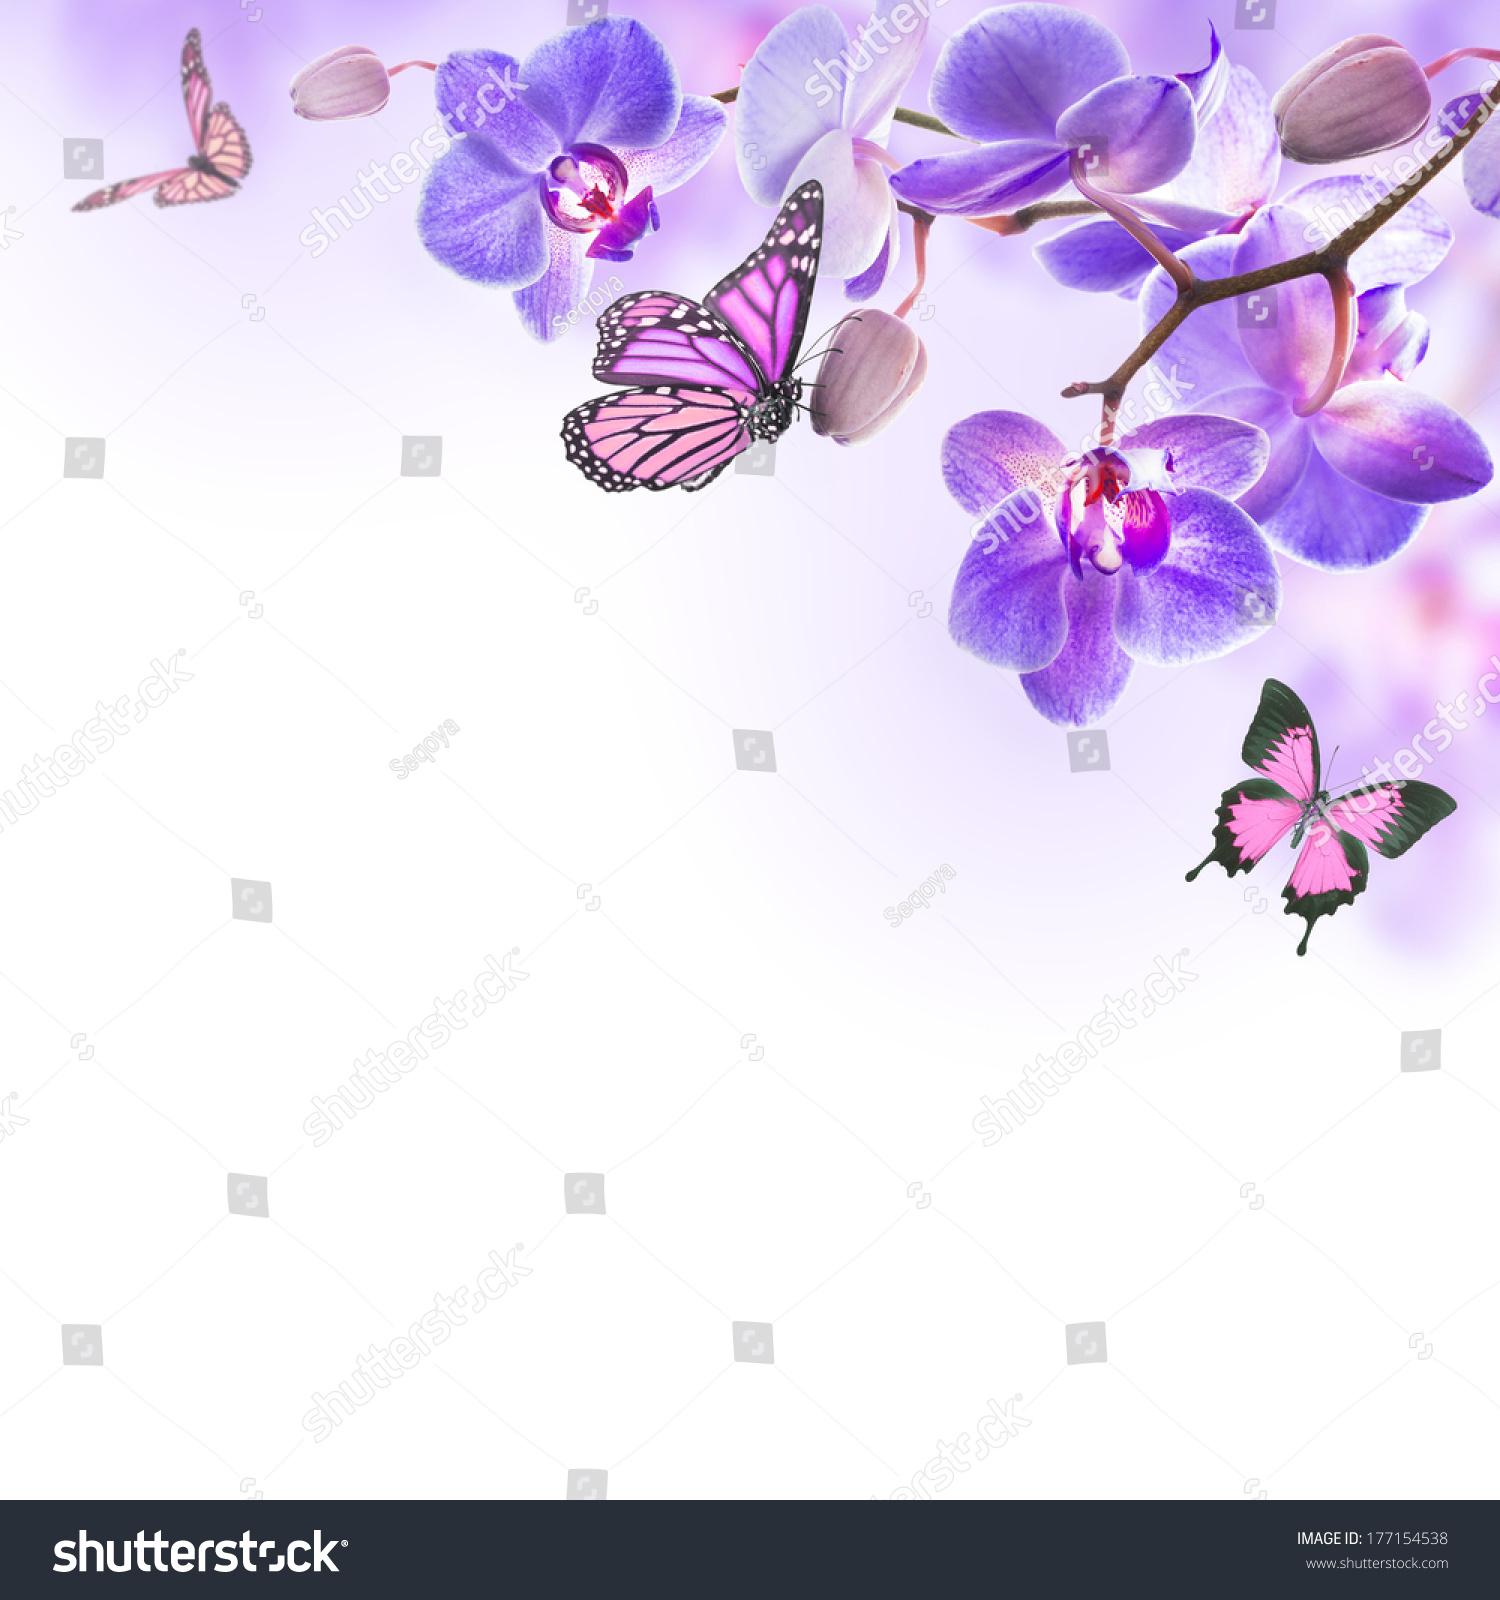 热带兰花和蝴蝶花的背景-背景/素材